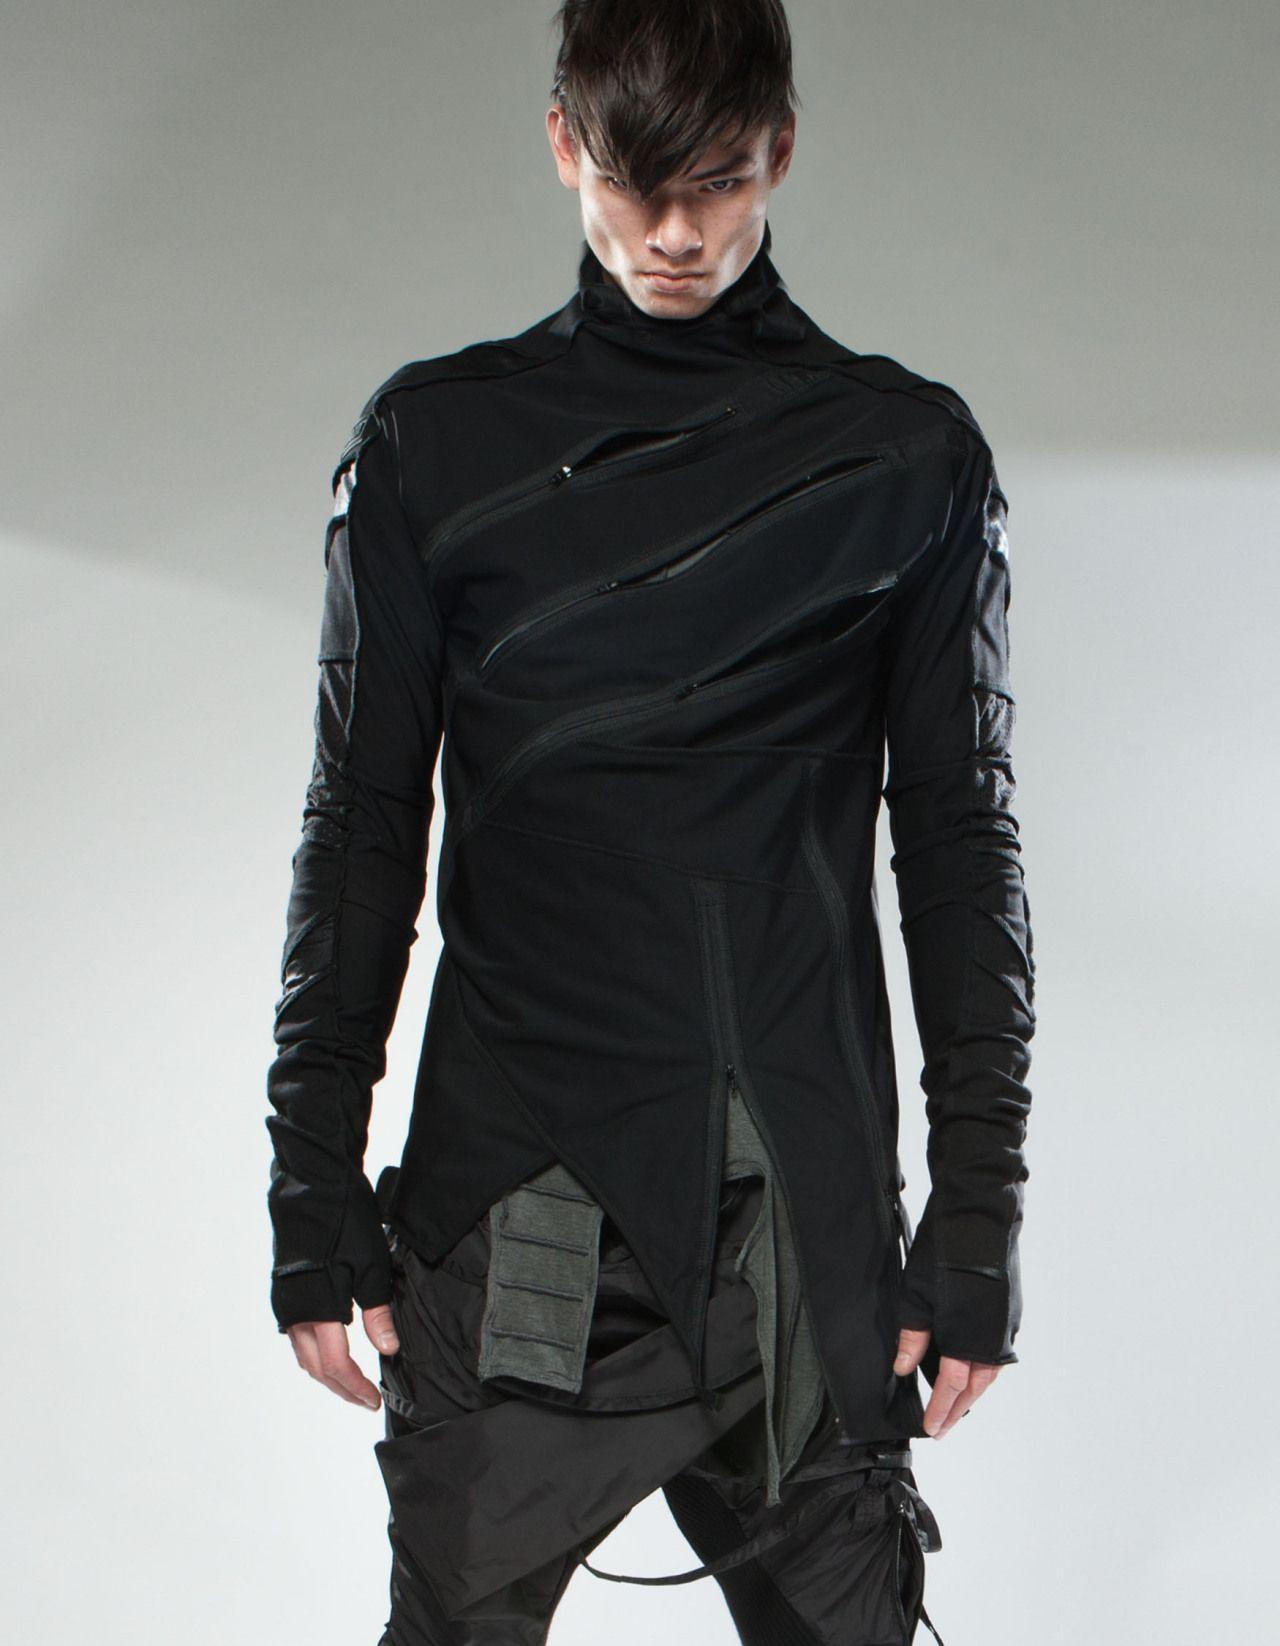 Future fashion for men 21